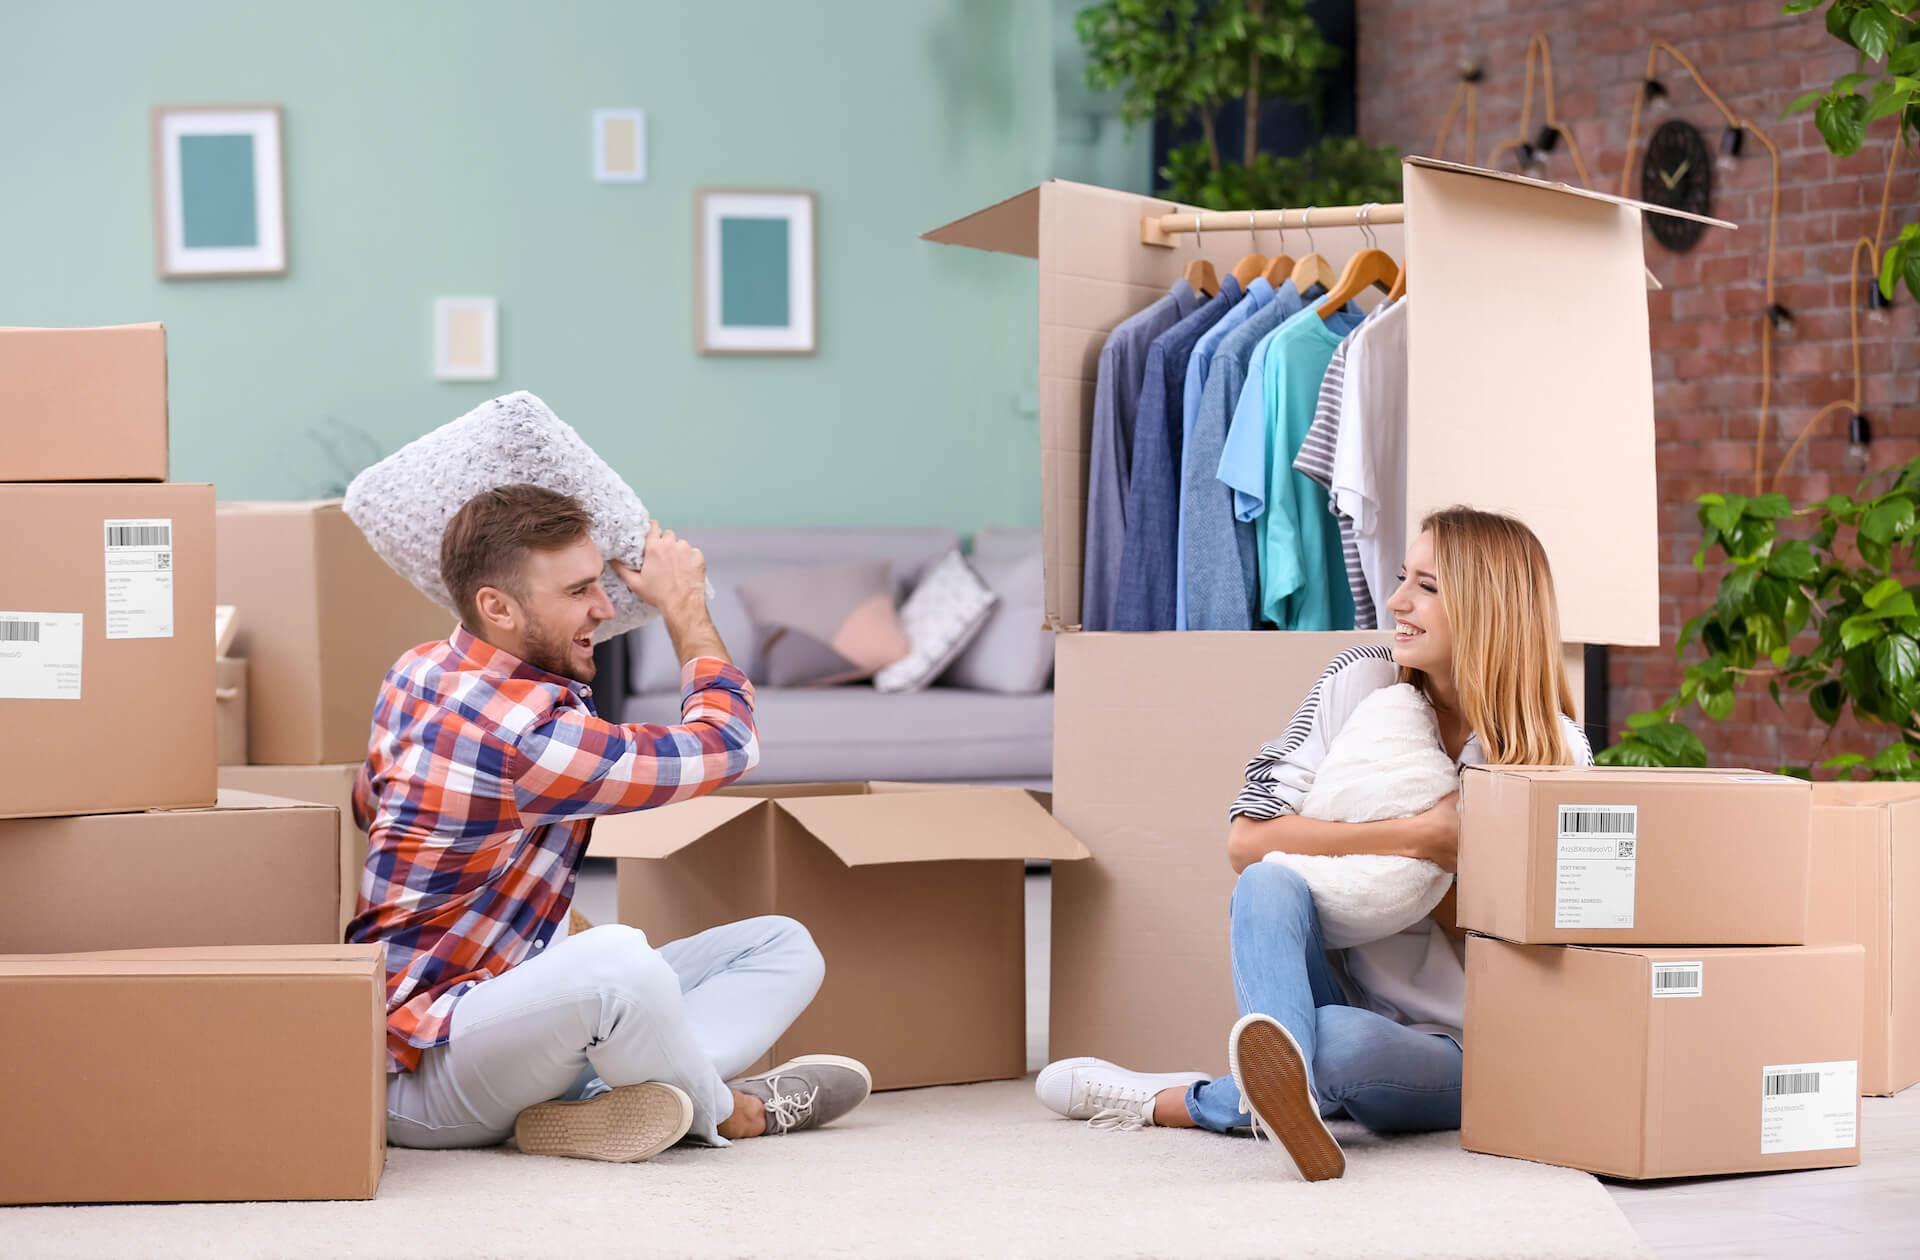 Quanto costa traslocare una camera da letto? • Caturano Traslochi